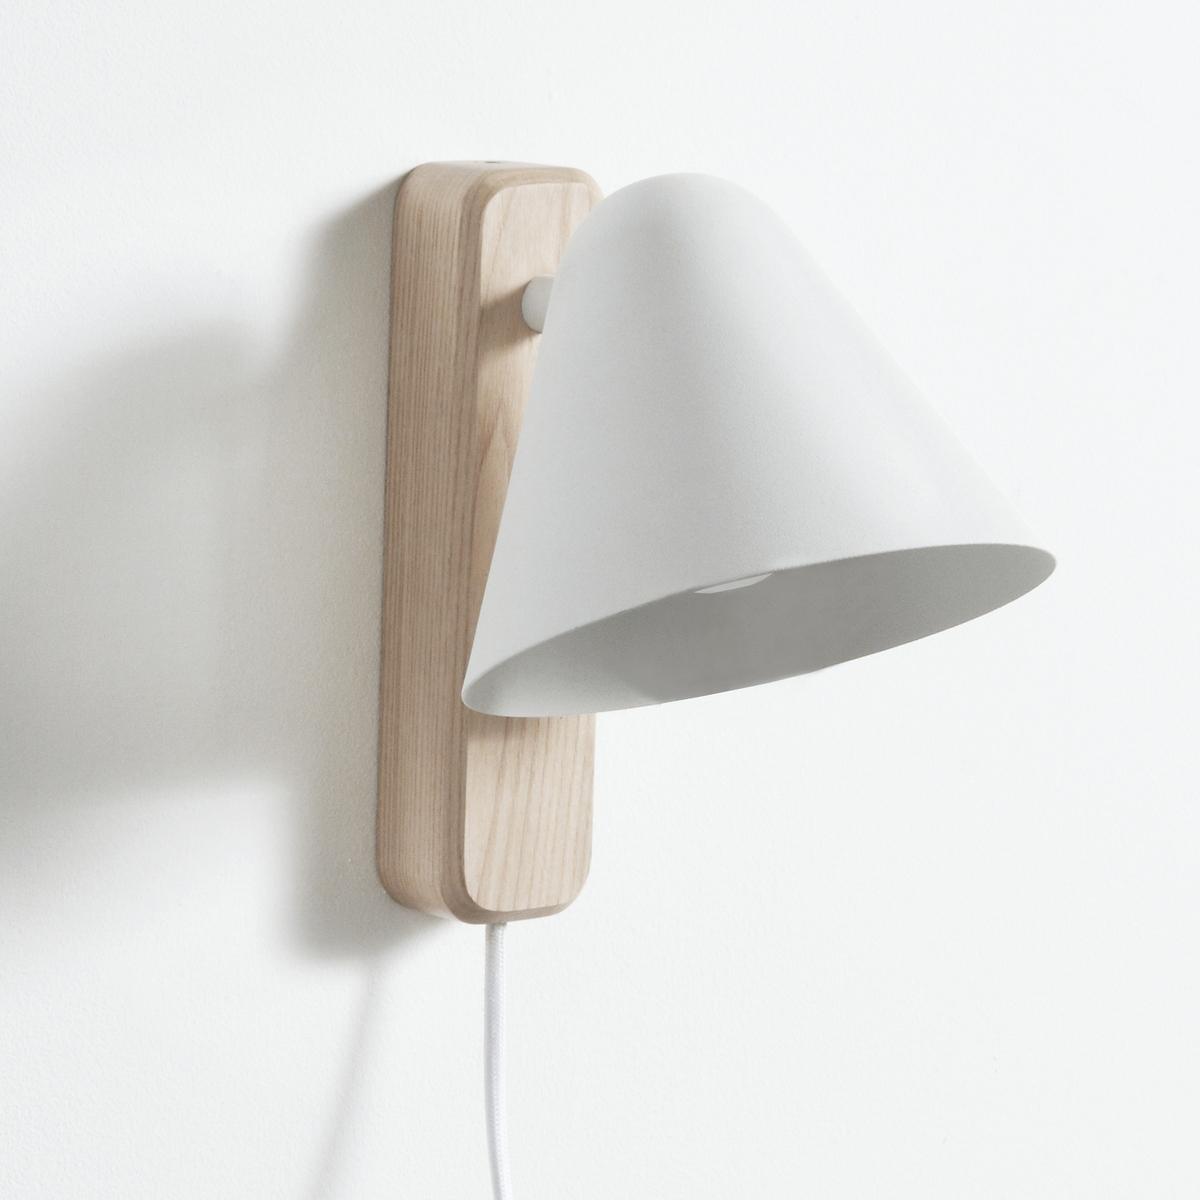 Бра из дерева и металла CotapiБра Cotapi. Замечательный дизайн бра Cotapi для изысканного и современного светильника.Описание бра Cotapi :Поворачивающийся влево-вправо абажур.Патрон E14 для лампы макс. 25 Вт (продается отдельно).Светильник совместим с лампами класса энергопотребления : ABCDE. Характеристики бра Cotapi :Стенной кронштейн из ясеня.Абажур из металла с покрытием эпоксидной краской и матовым лаком.Кабель с оболочкой из текстиля.Другие модели коллекции Cotapi вы можете найти на сайте laredoute.ruРазмеры бра Cotapi :Высота 20 см, длина 20 см, глубина 15,6 см. Размер и вес посылки : 1 посылкаШ.22 x Г.17,5 x В.22 см.1,1 кг.<br><br>Цвет: белый/дерево<br>Размер: единый размер